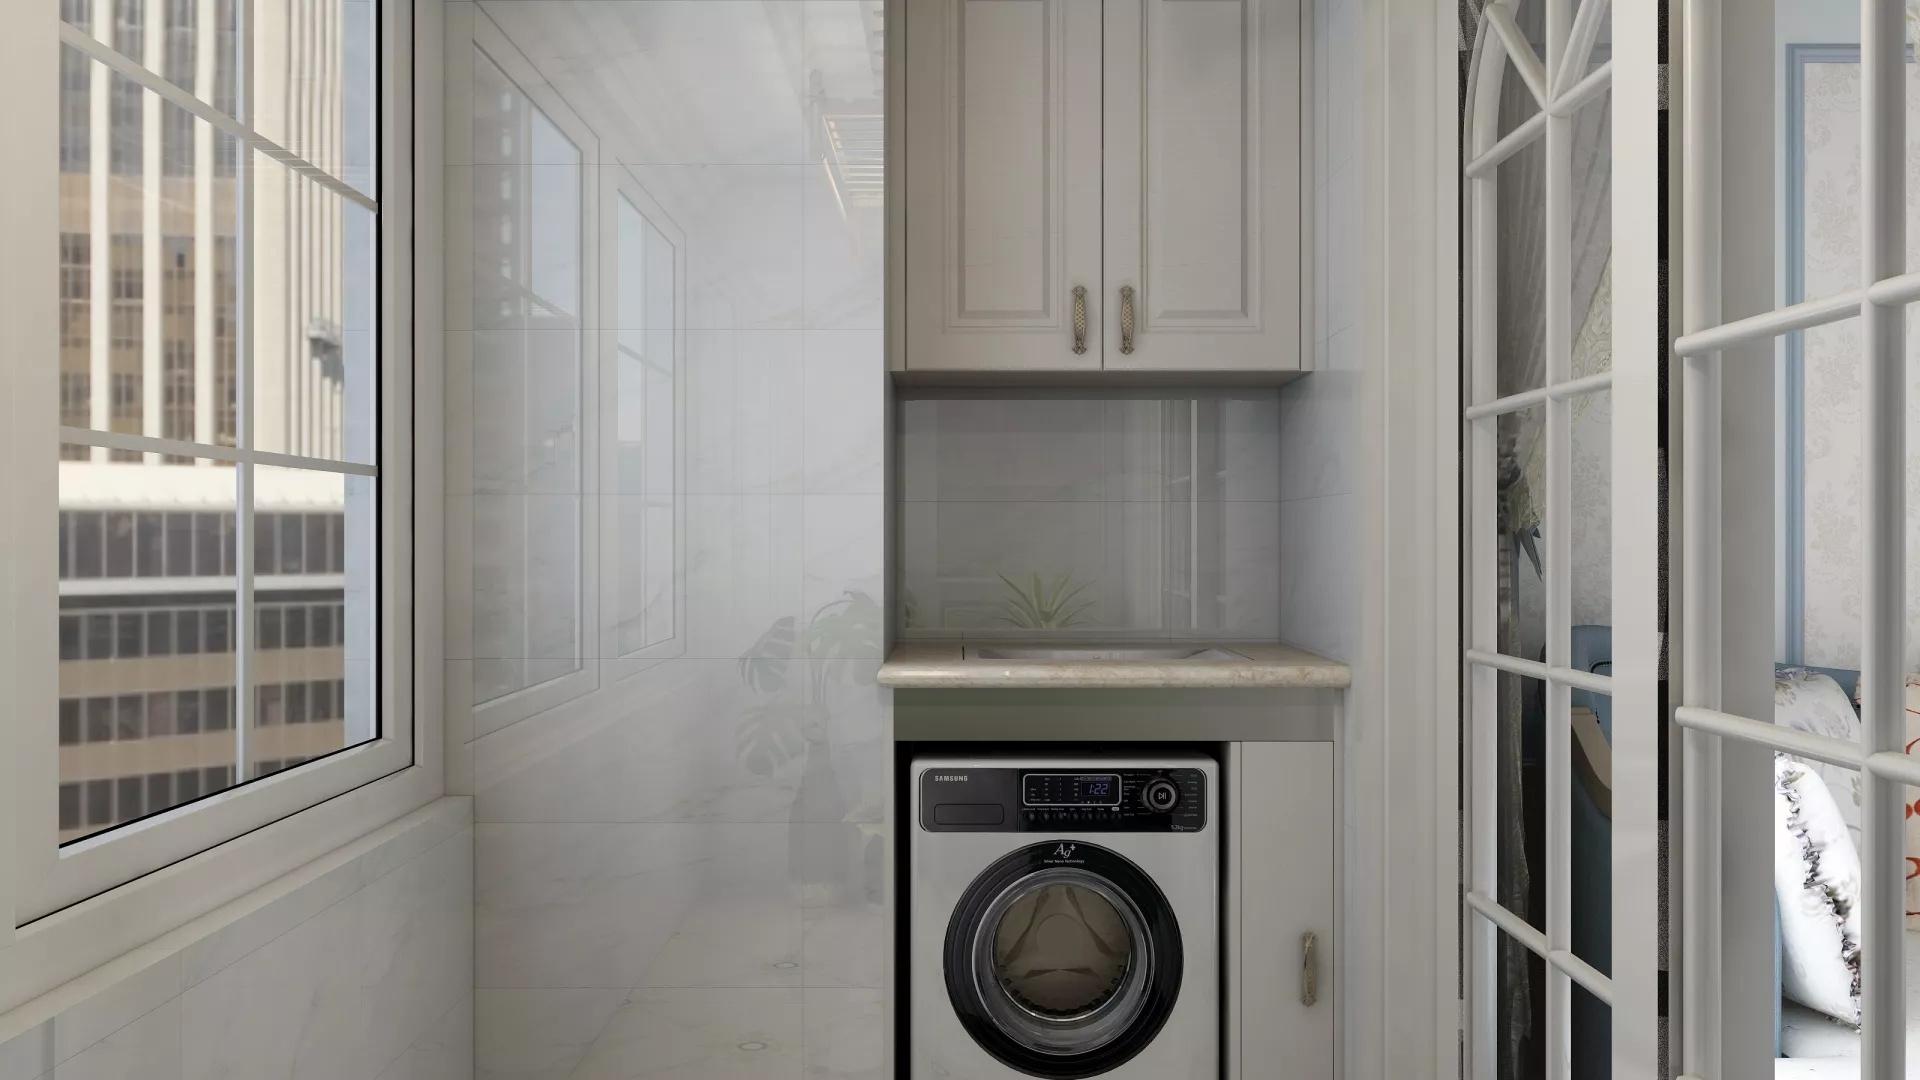 卫生间适合安装暗门吗 卫生间暗门特点